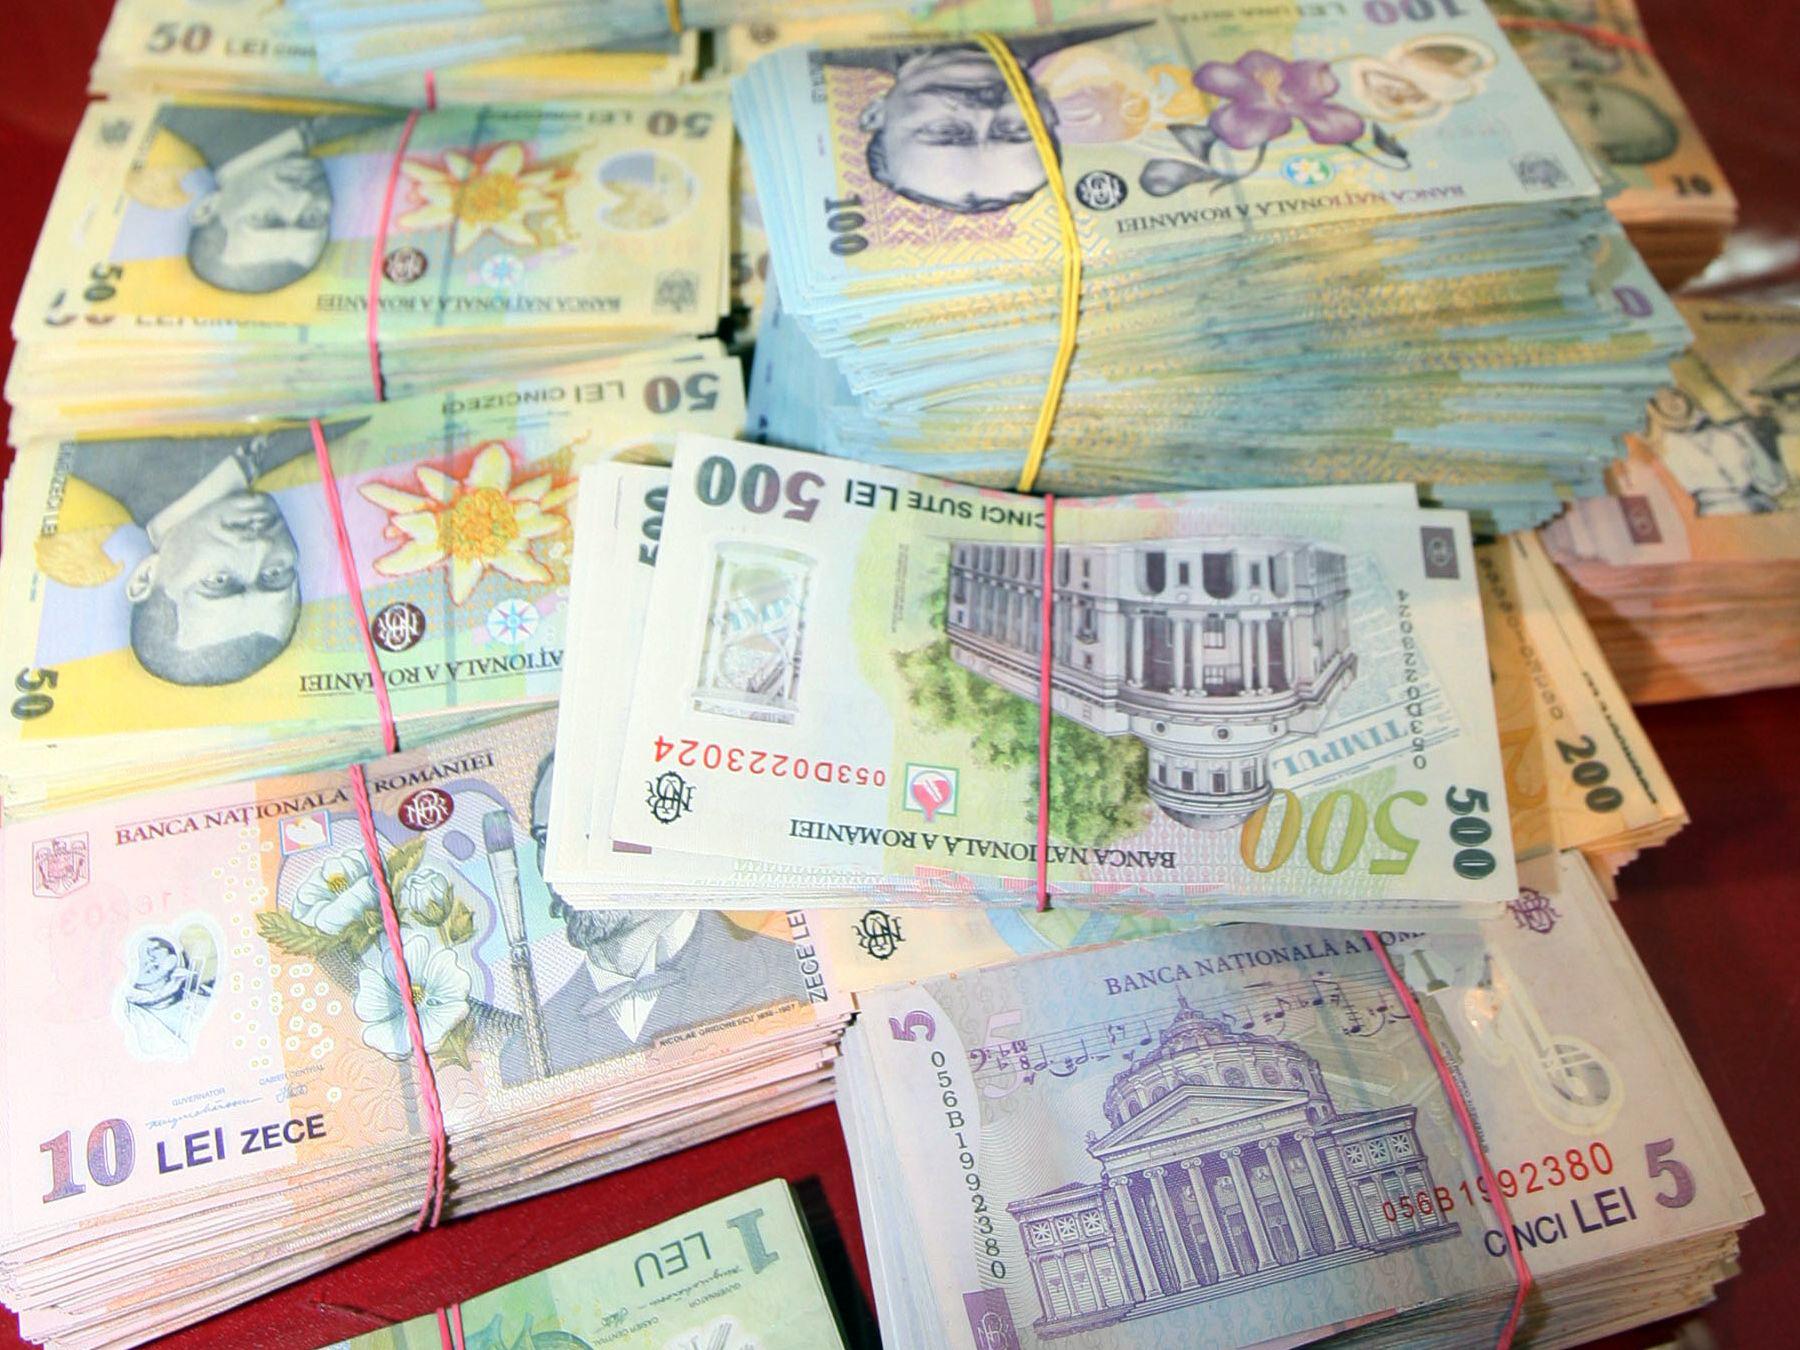 cum să faci bani dacă nu există slujbă opțiunea olday